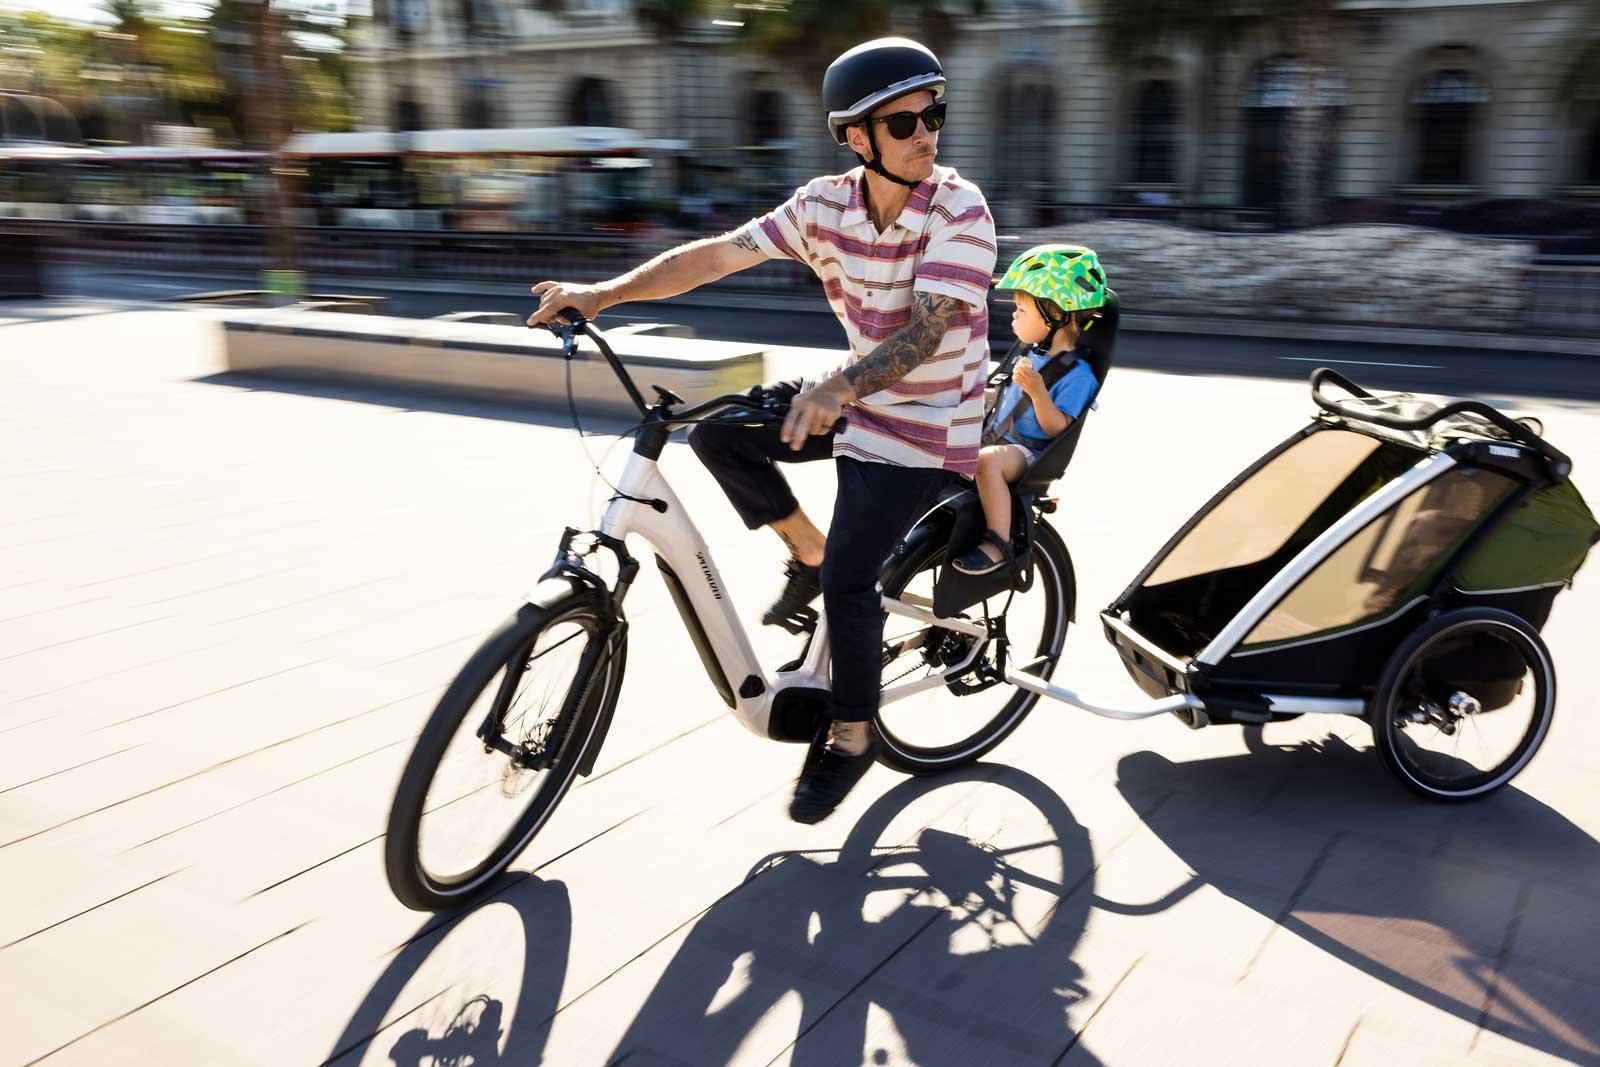 2022 specialized turbo como ebike trailer child seat compatible